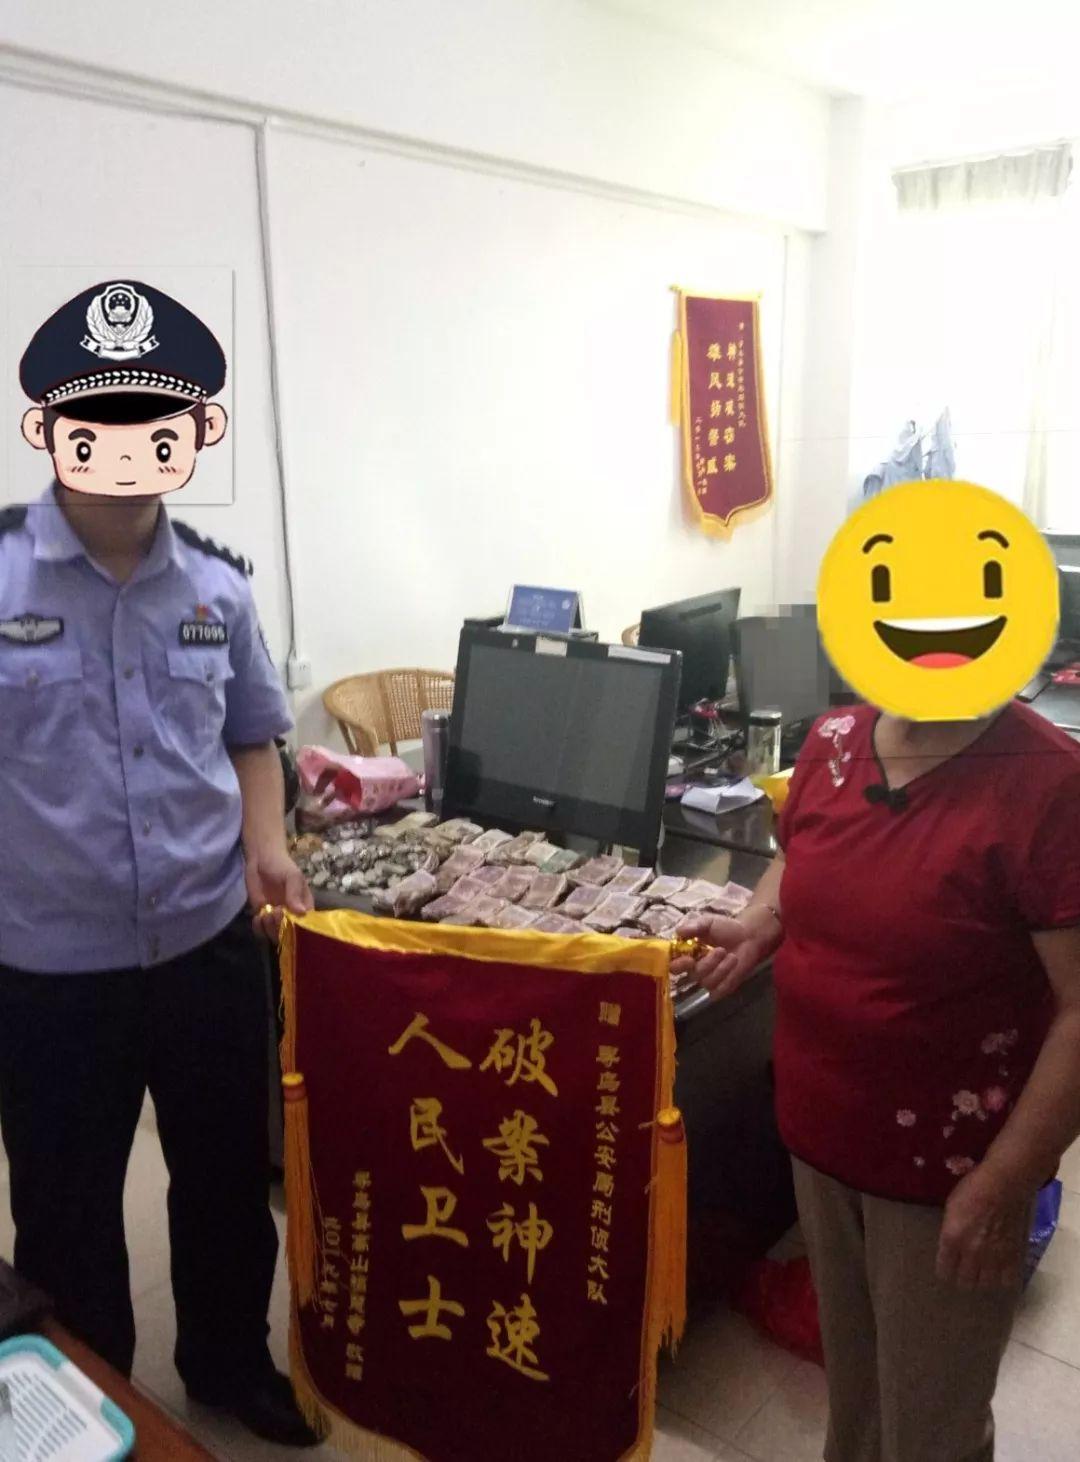 撬窗盗窃_偷手机、盗汽油、撬功德箱,这个团伙很猖狂……_寻乌县